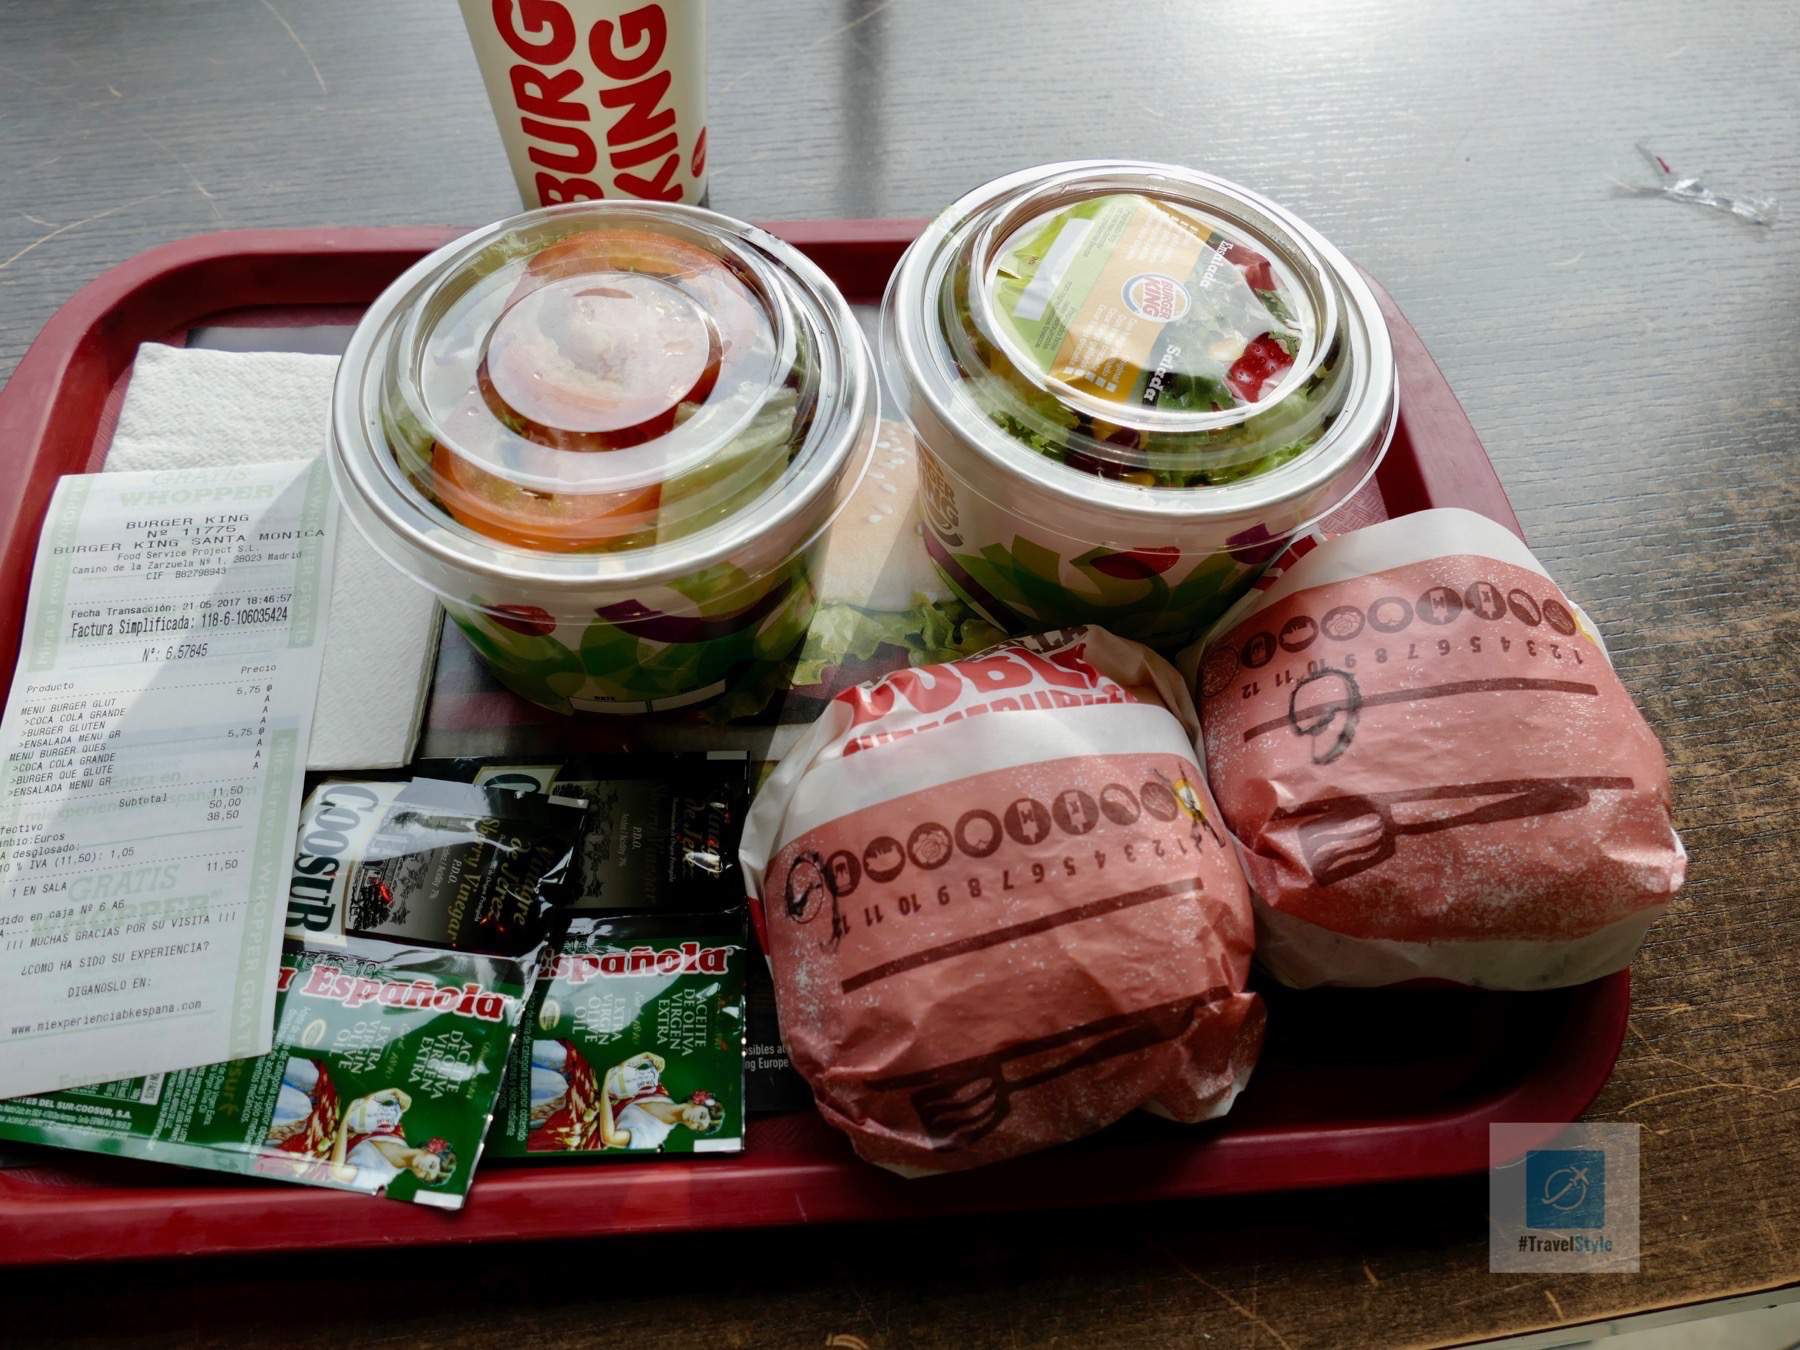 Der glutenfreie Burger im Burger King